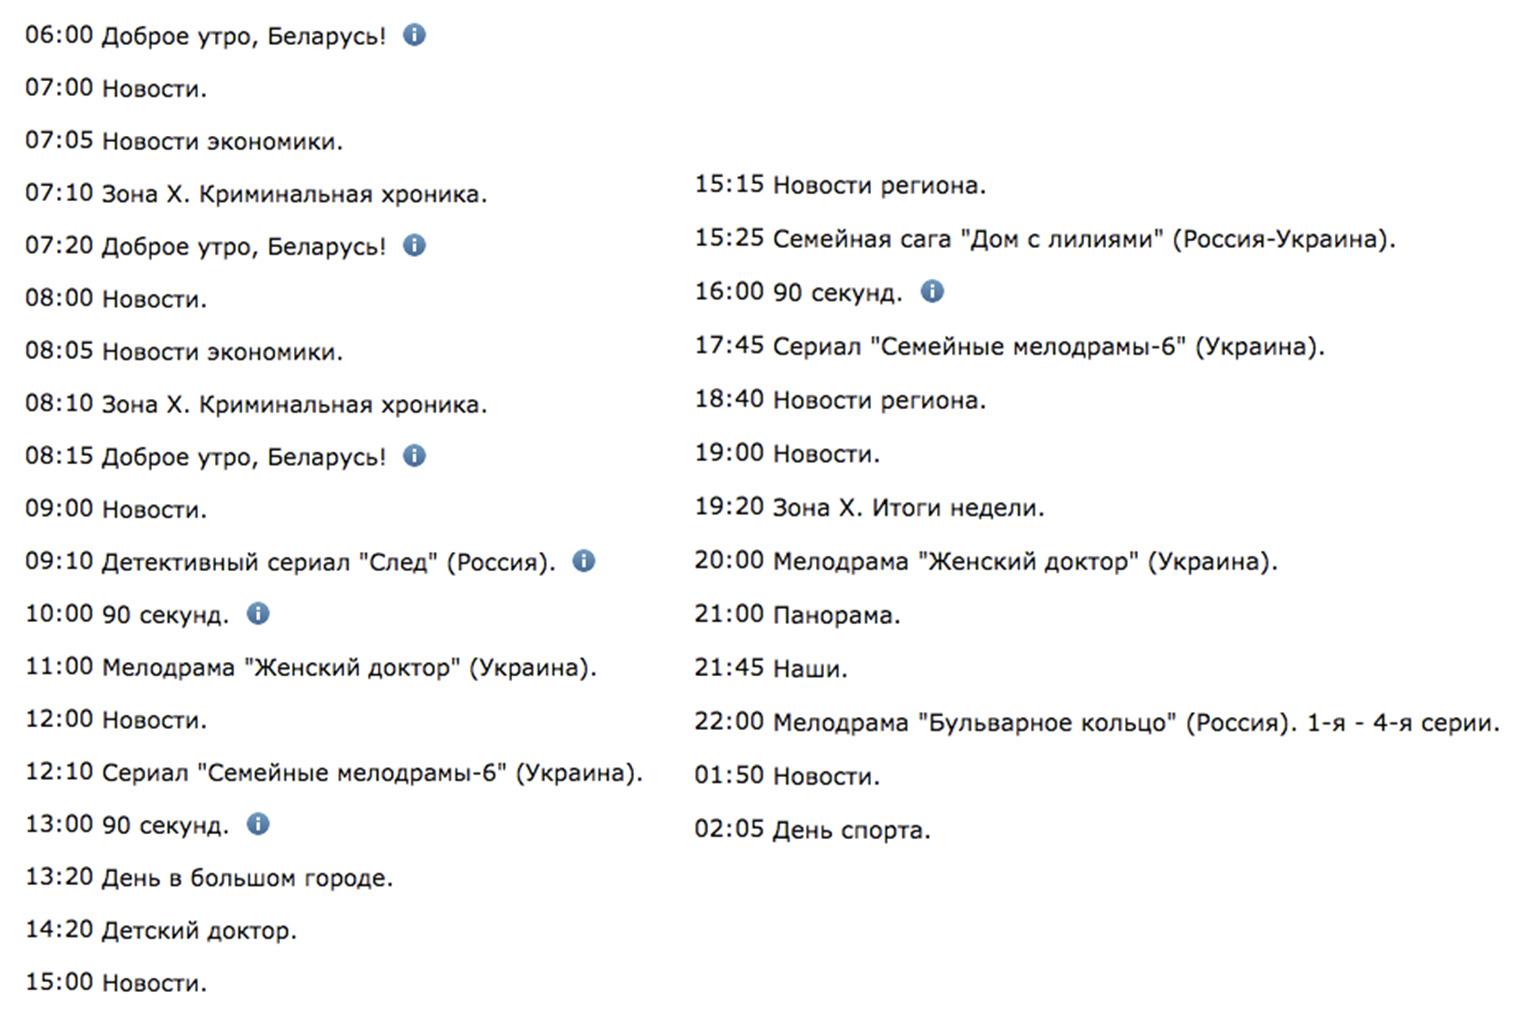 Программа передач на телеканале Беларусь-1